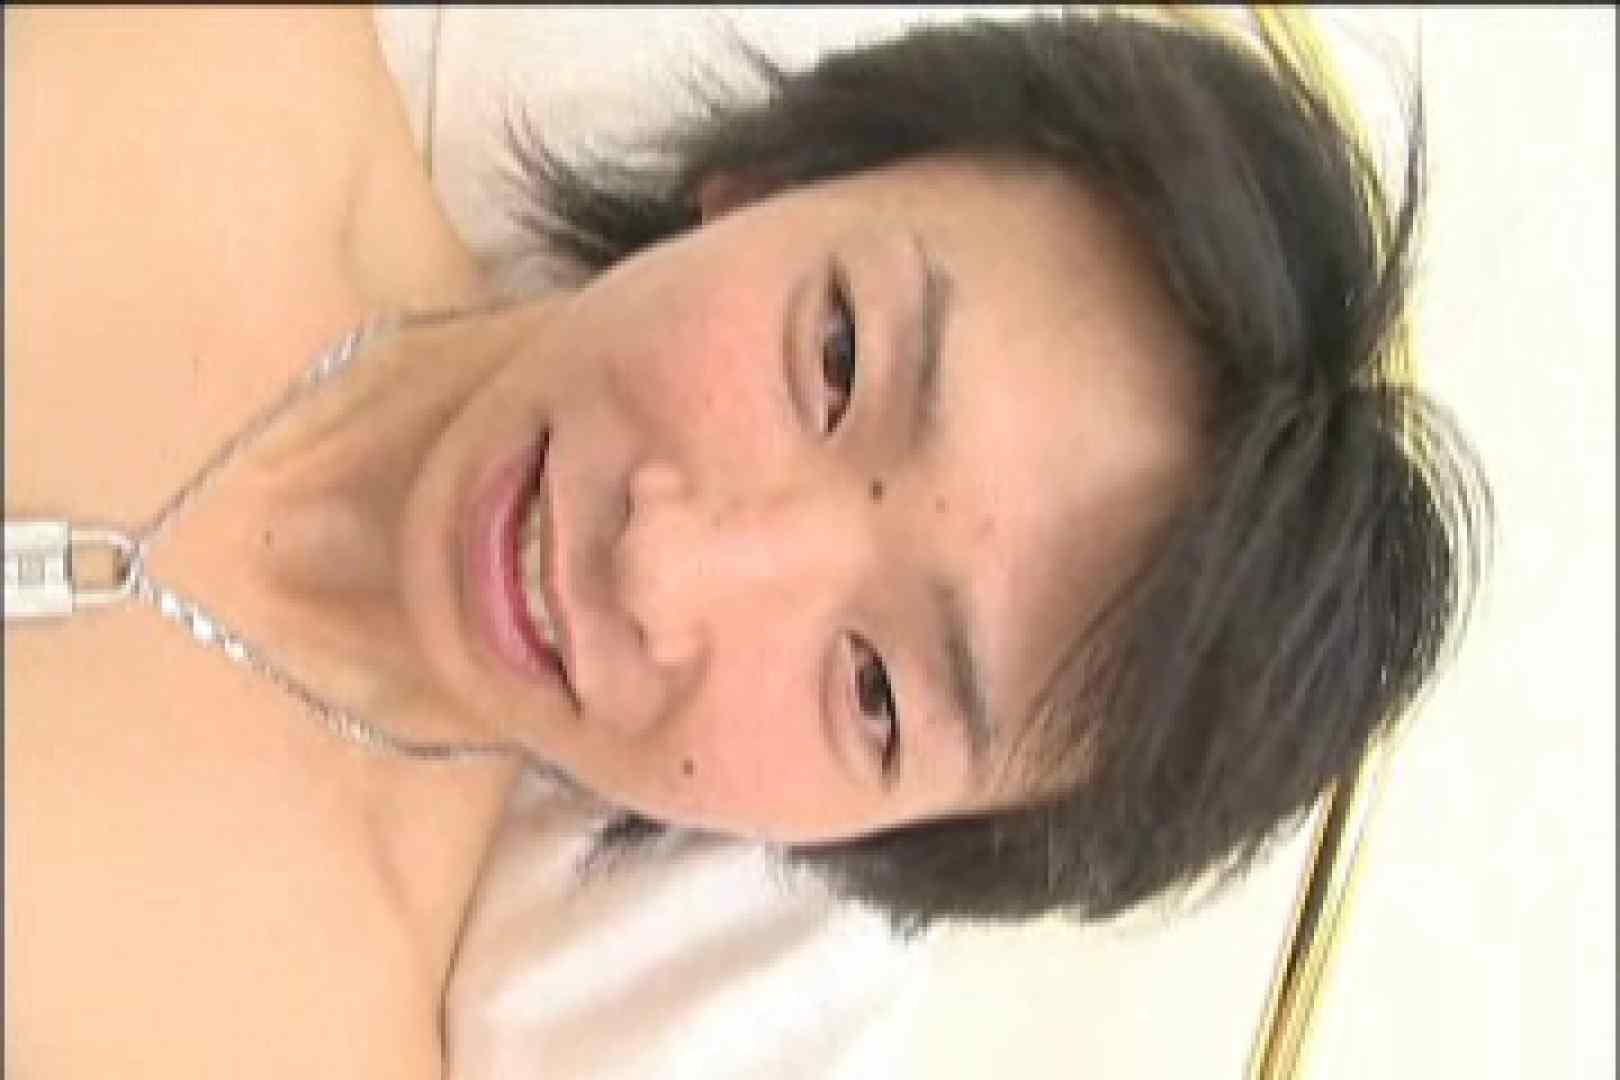 イケメン☆パラダイス〜男ざかりの君たちへ〜vol.41 イケメンのセックス | ケツマン  12枚 7